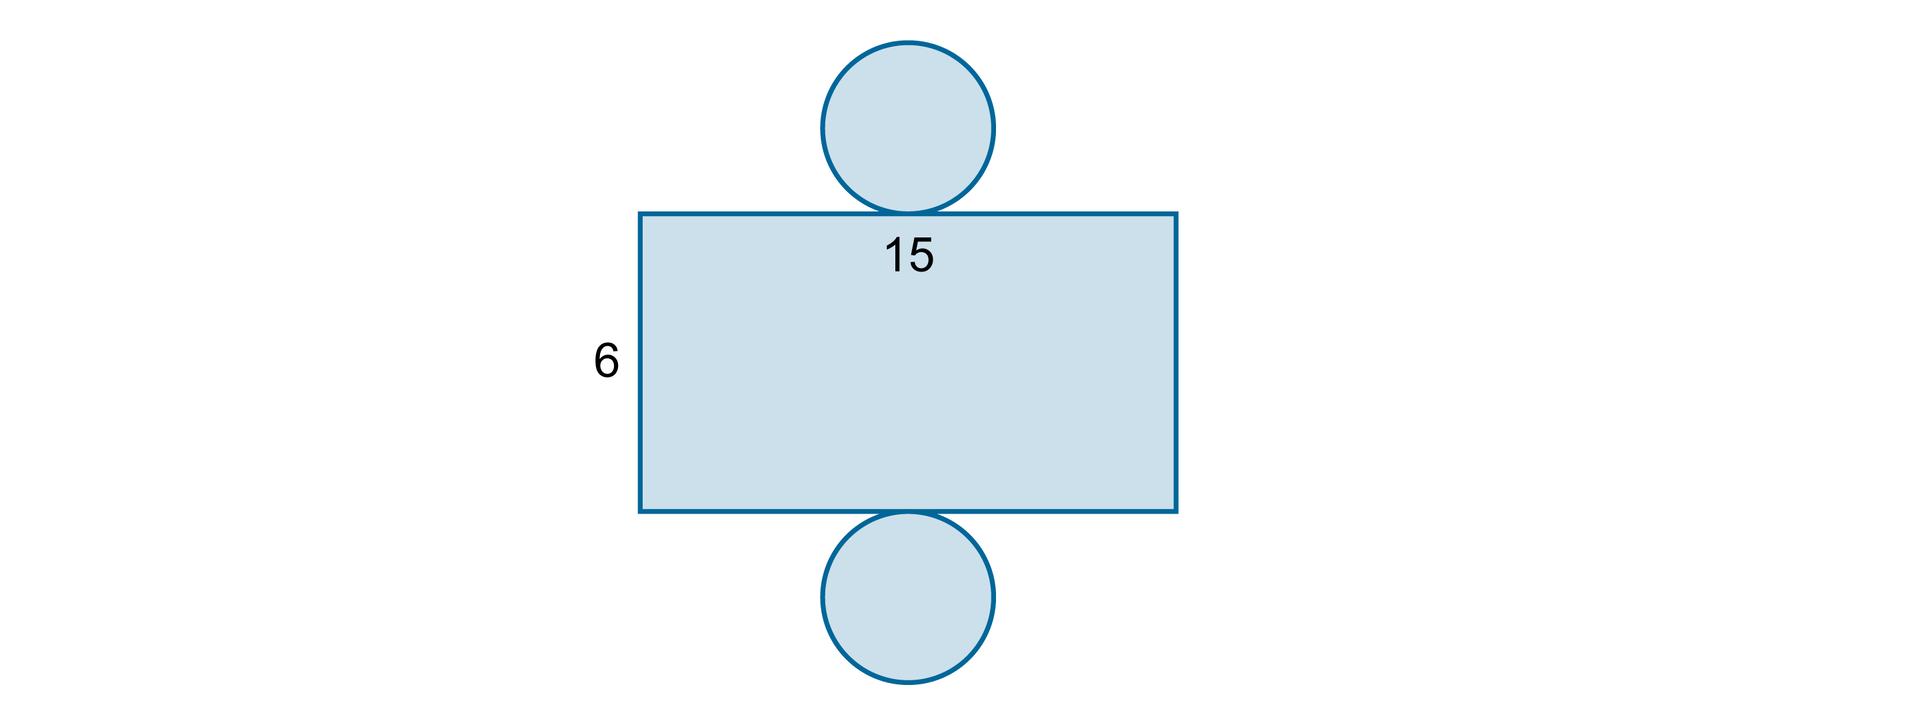 Rysunek siatki walca, wktórej prostokąt ma wymiary 6 na 15.